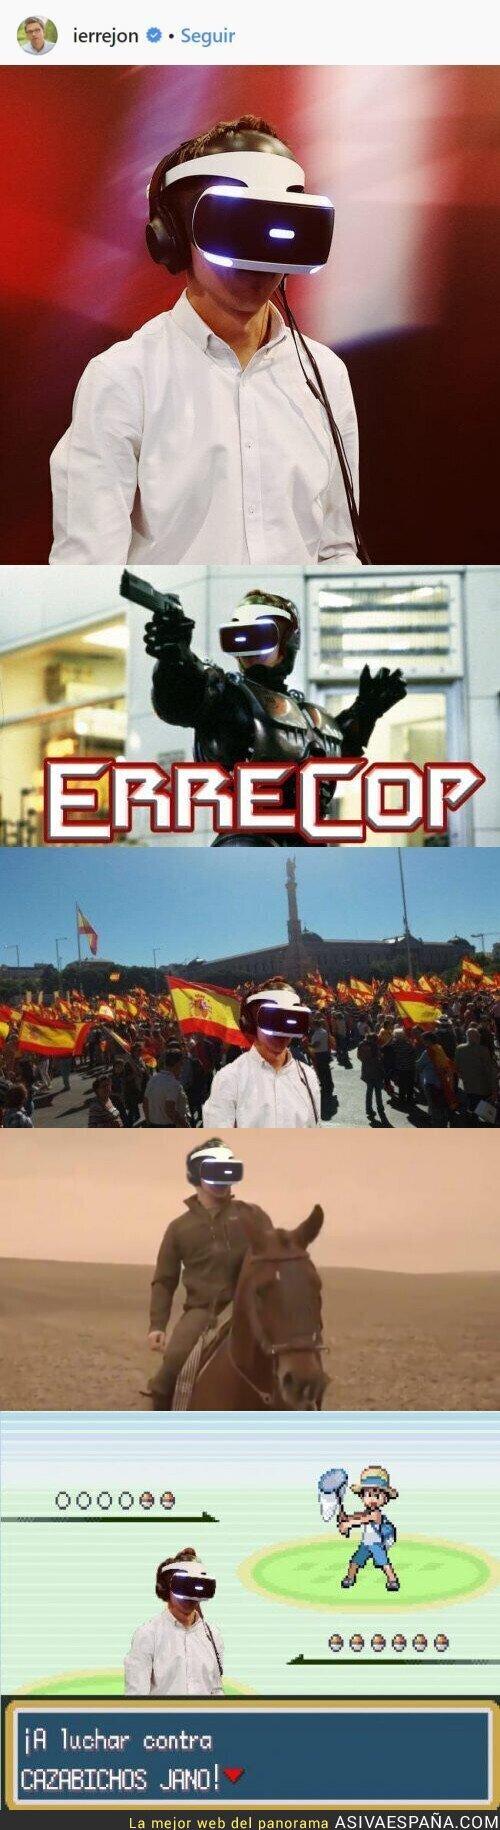 104455 - Íñigo Errejón sube una foto suya probando la realidad virtual e internet se llena de memes